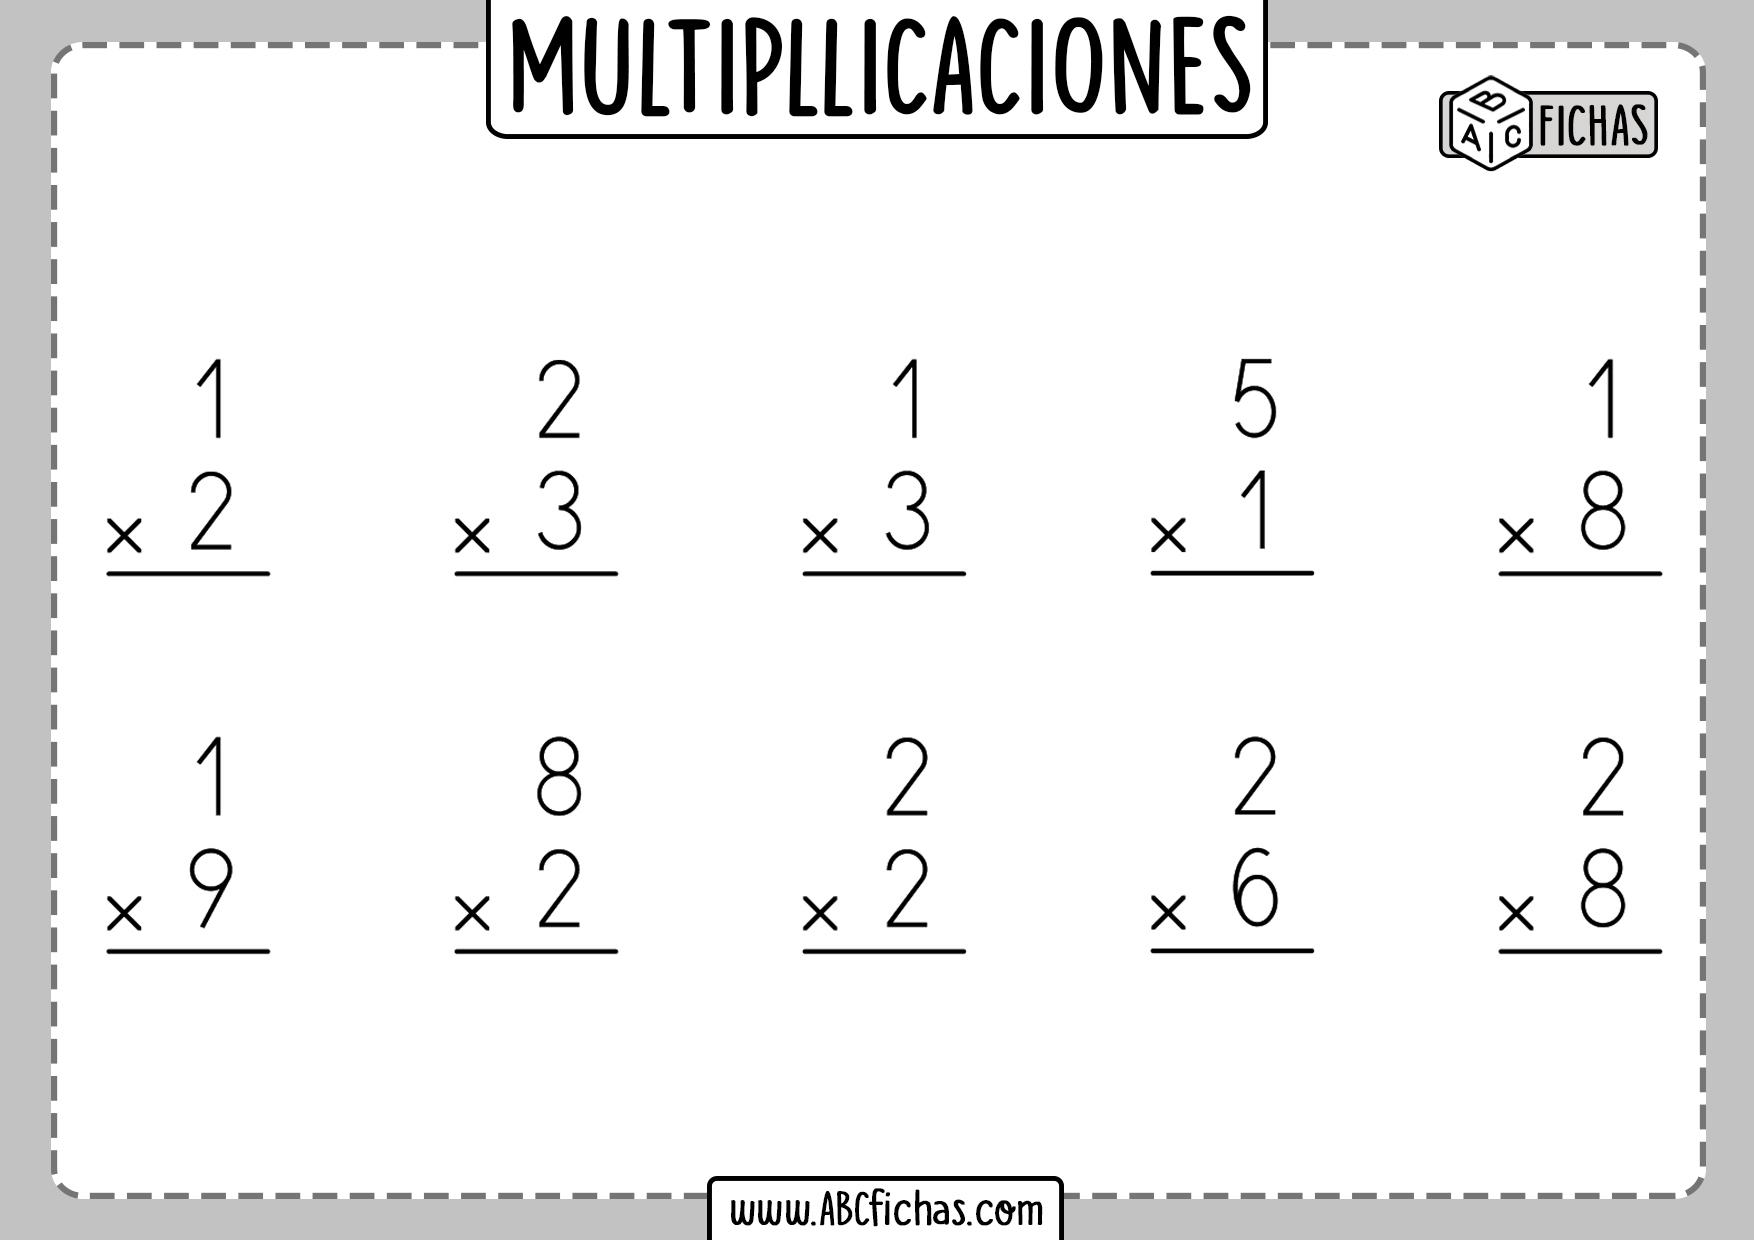 Multiplicaciones de 1 numero